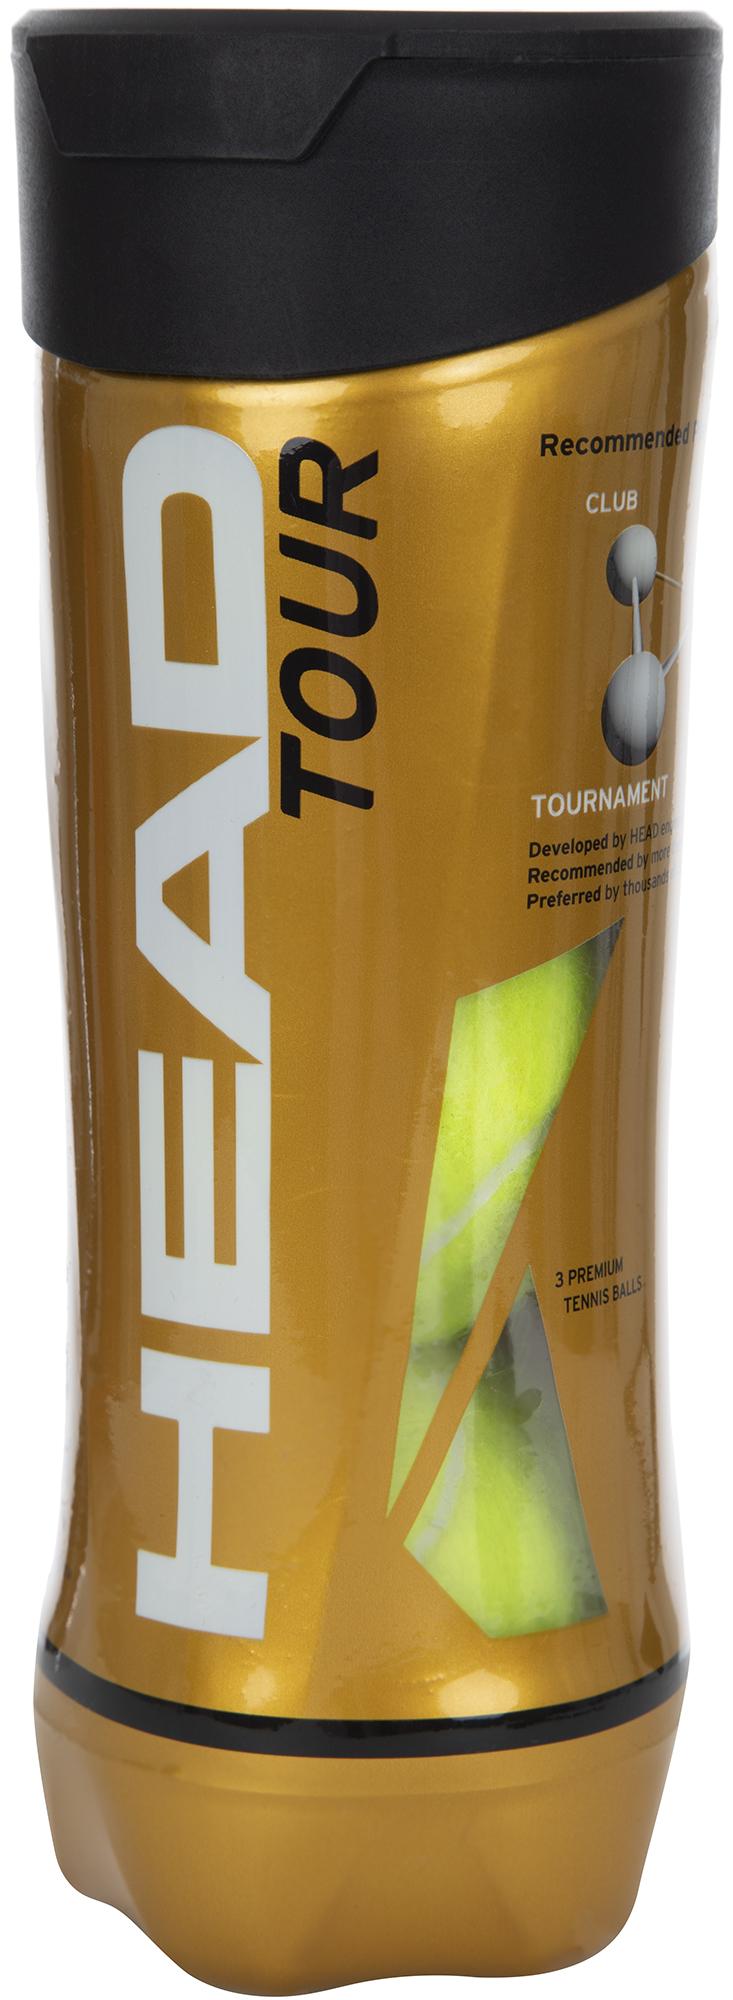 Head Набор мячей для большого тенниса Head Tour недорго, оригинальная цена